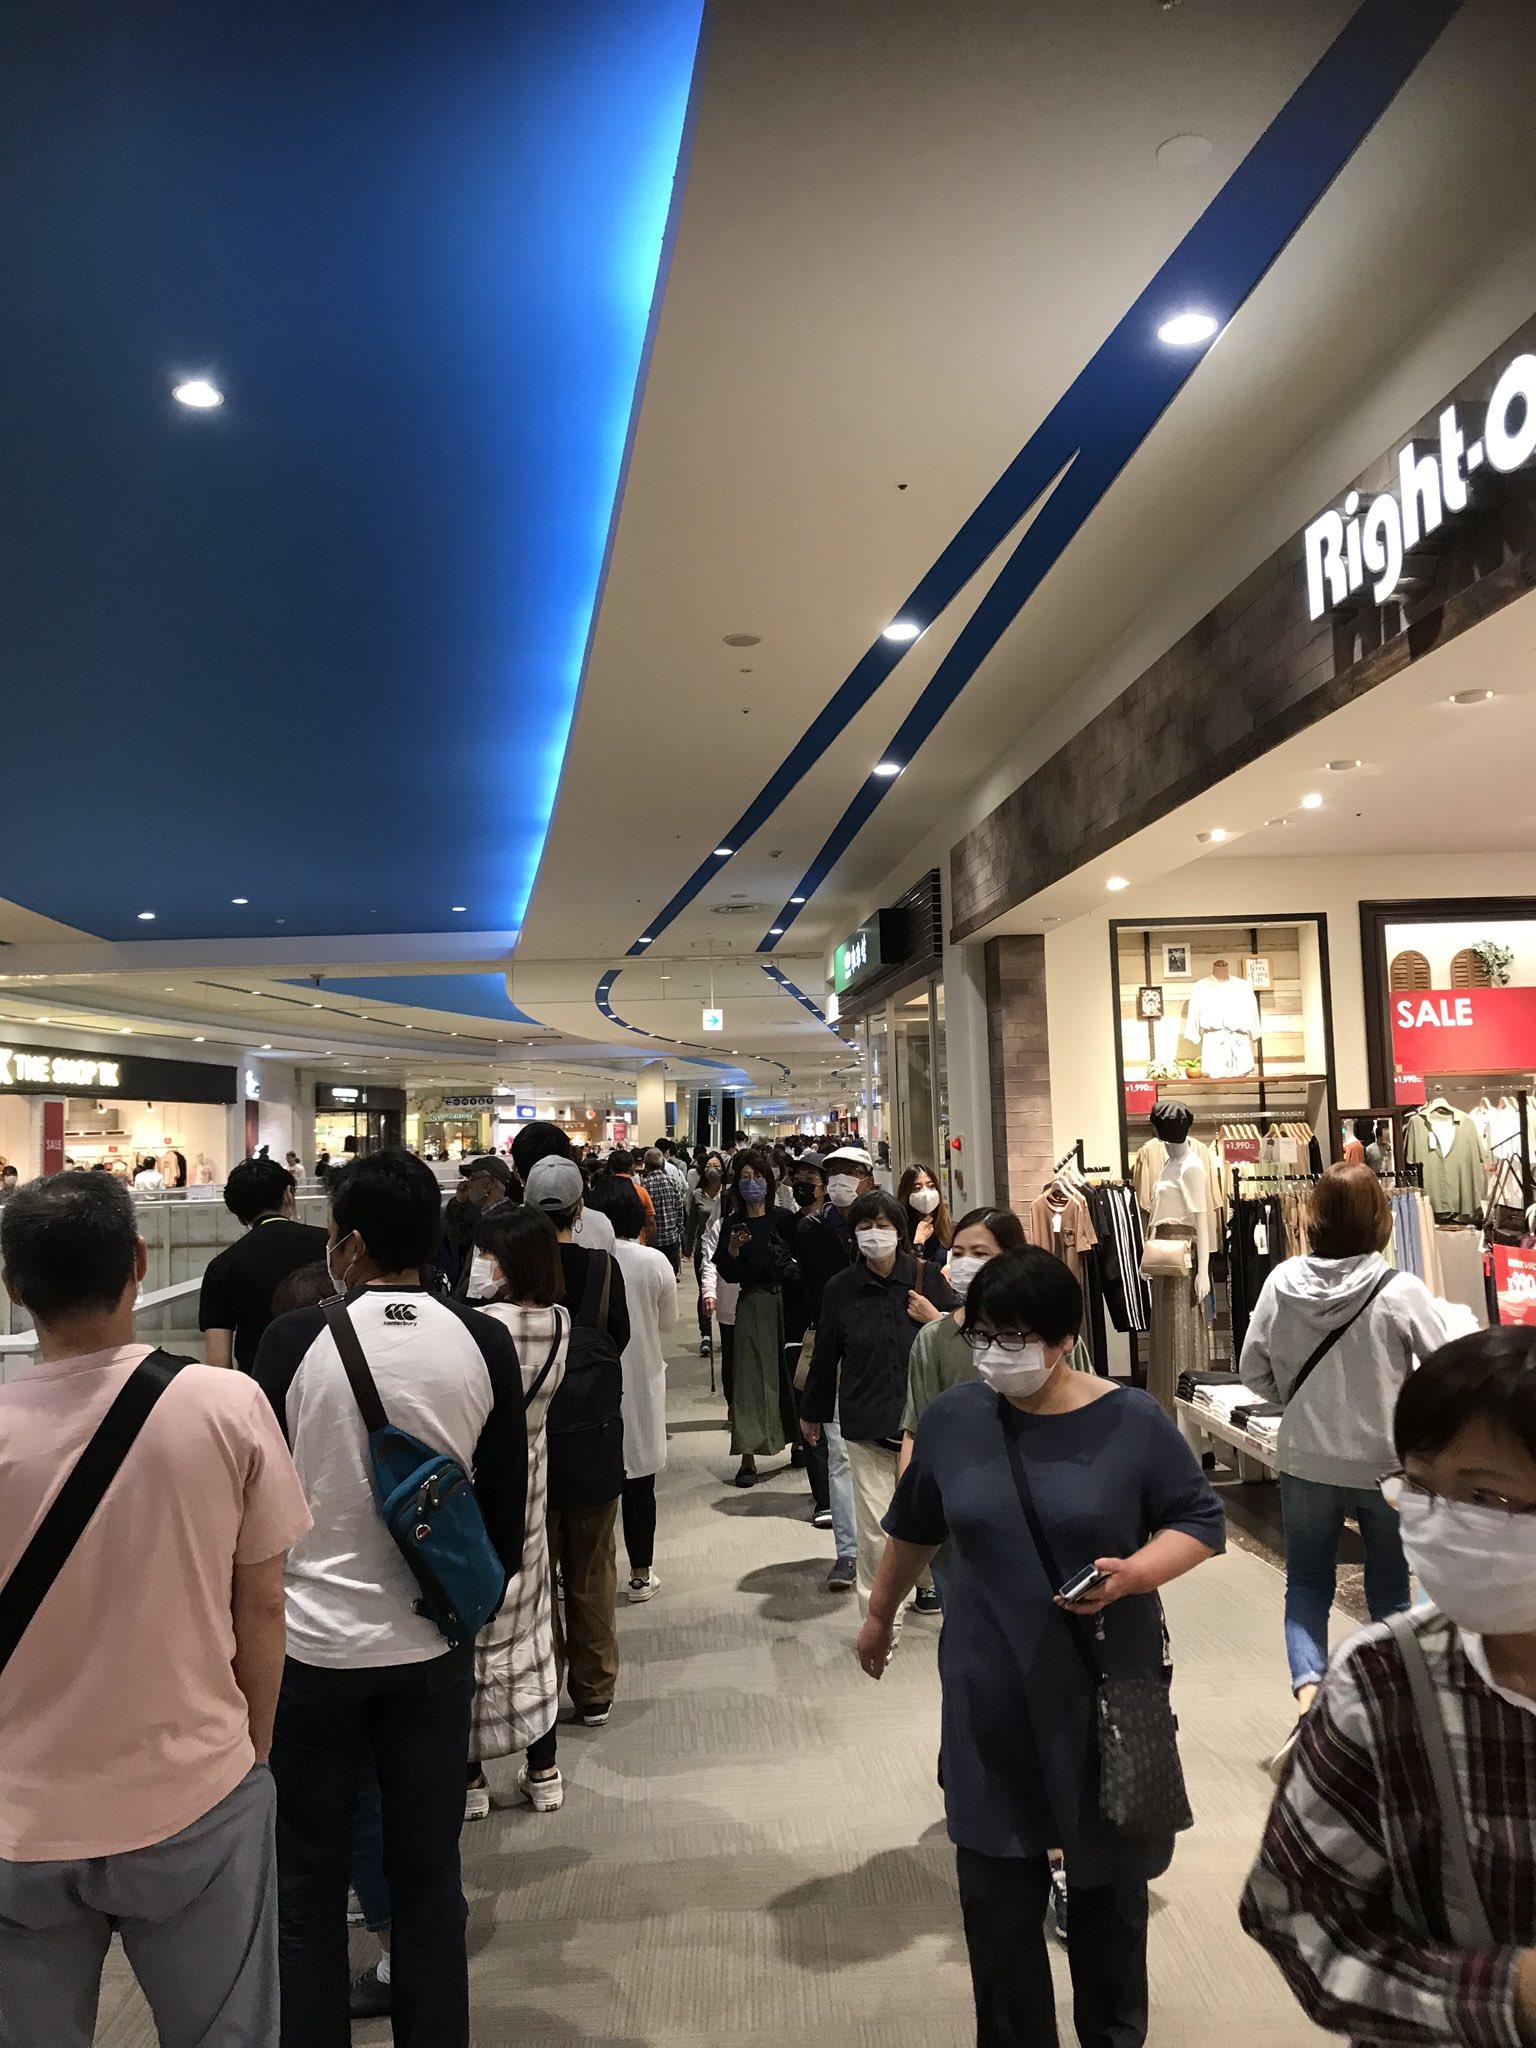 ユニクロららぽーと磐田店、開店直後にエアリズムのマスクを求めて100mを超える長蛇の行列が出来てます。<br><br>すげぇ。